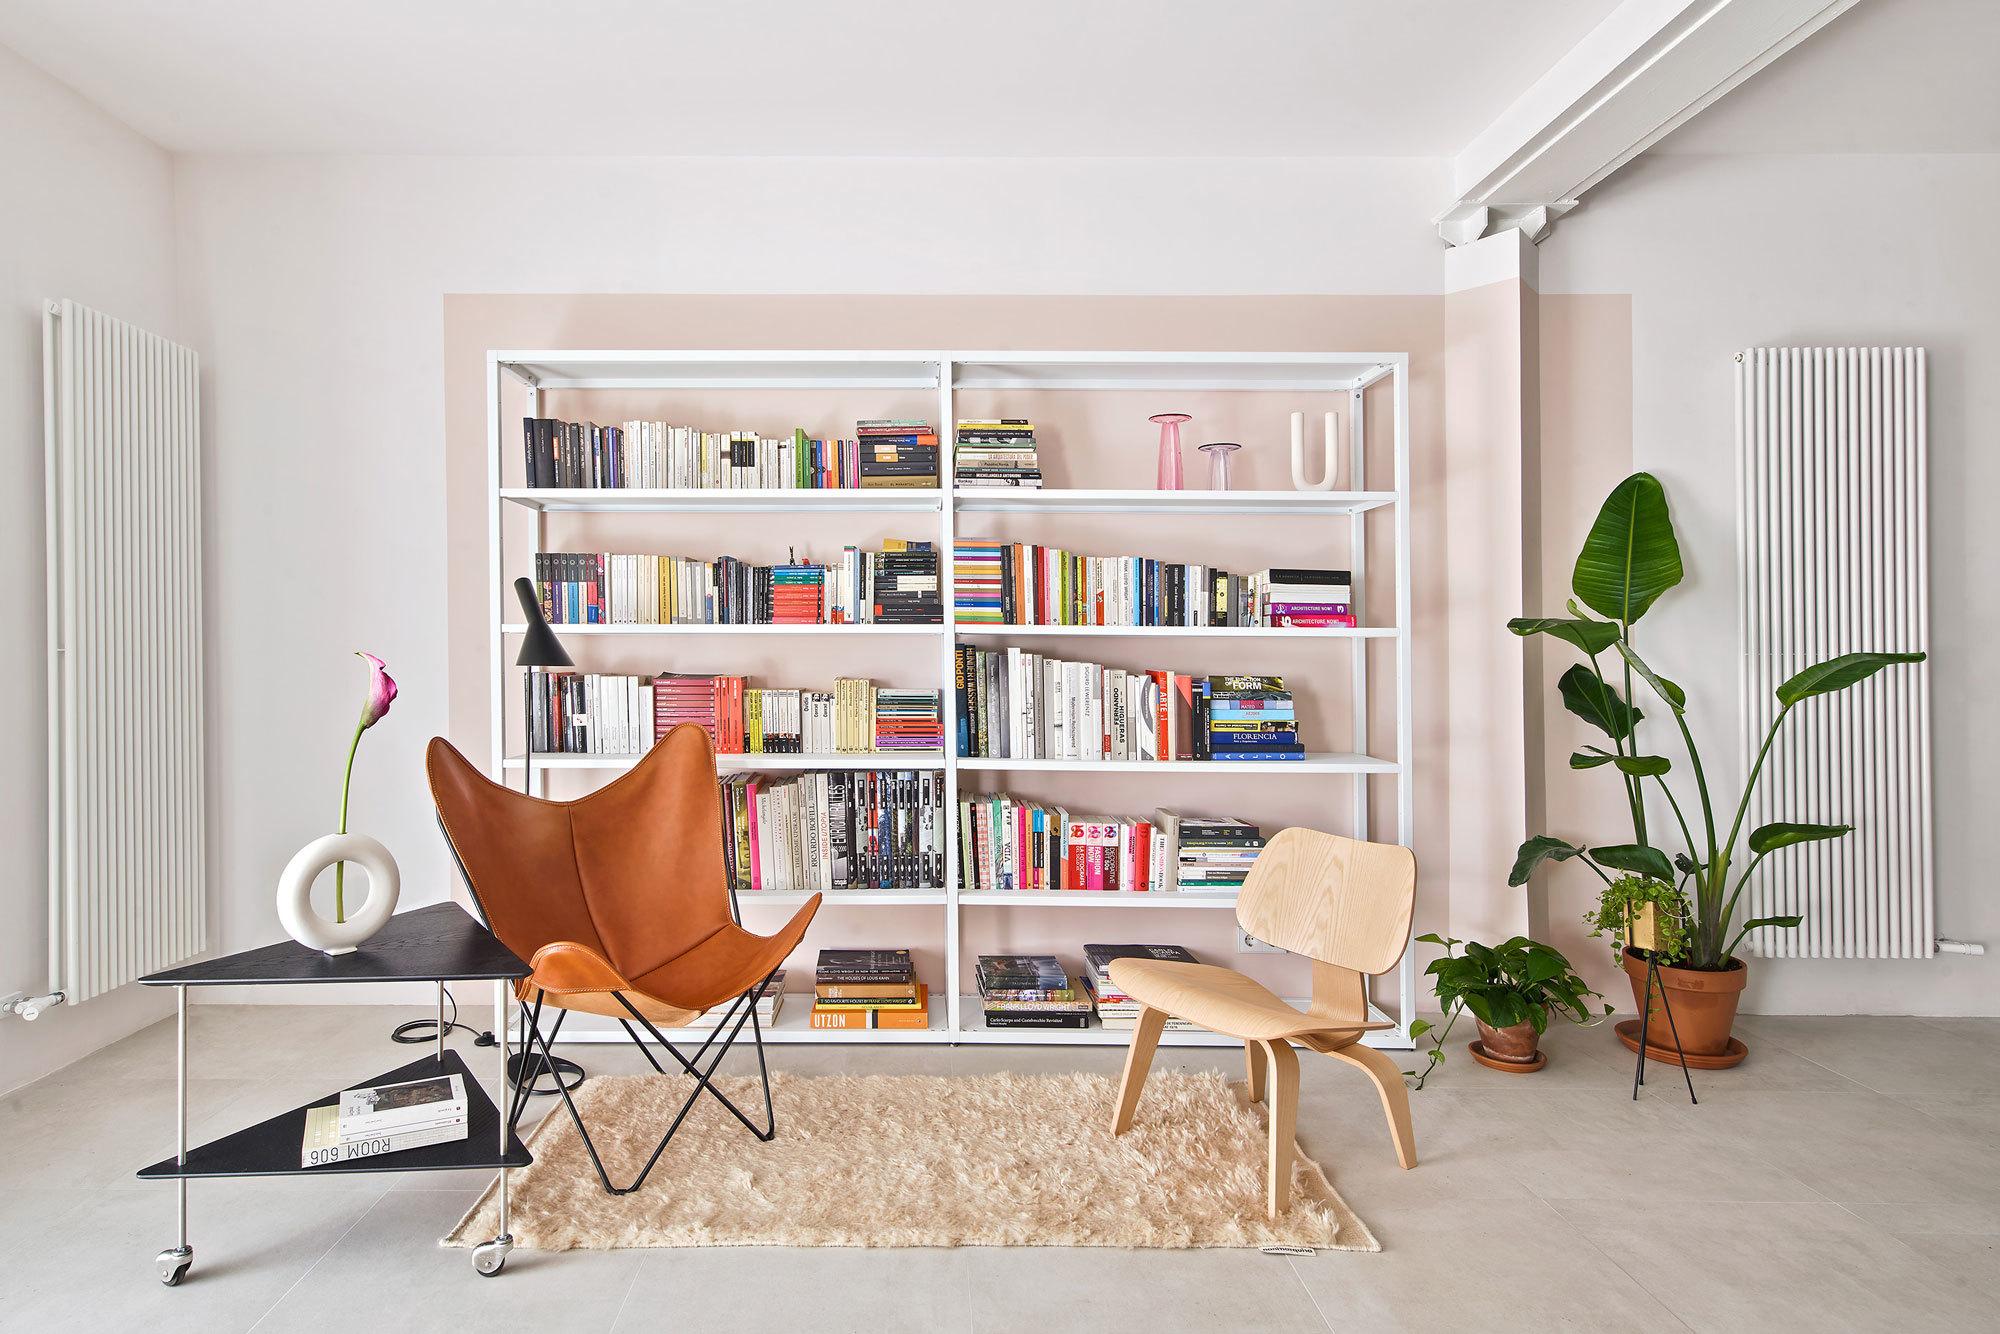 Leseecke mitPlywood Chair LCW von Charles und Ray Eames (Vitra), Hardoy Butterfly Chair (Entwurf: Castellana, Kurchan + Ferrari-Hardoy, produziert von Manufakturplus)und AJ Trolley von Arne Jacobsen (Fritz Hansen).